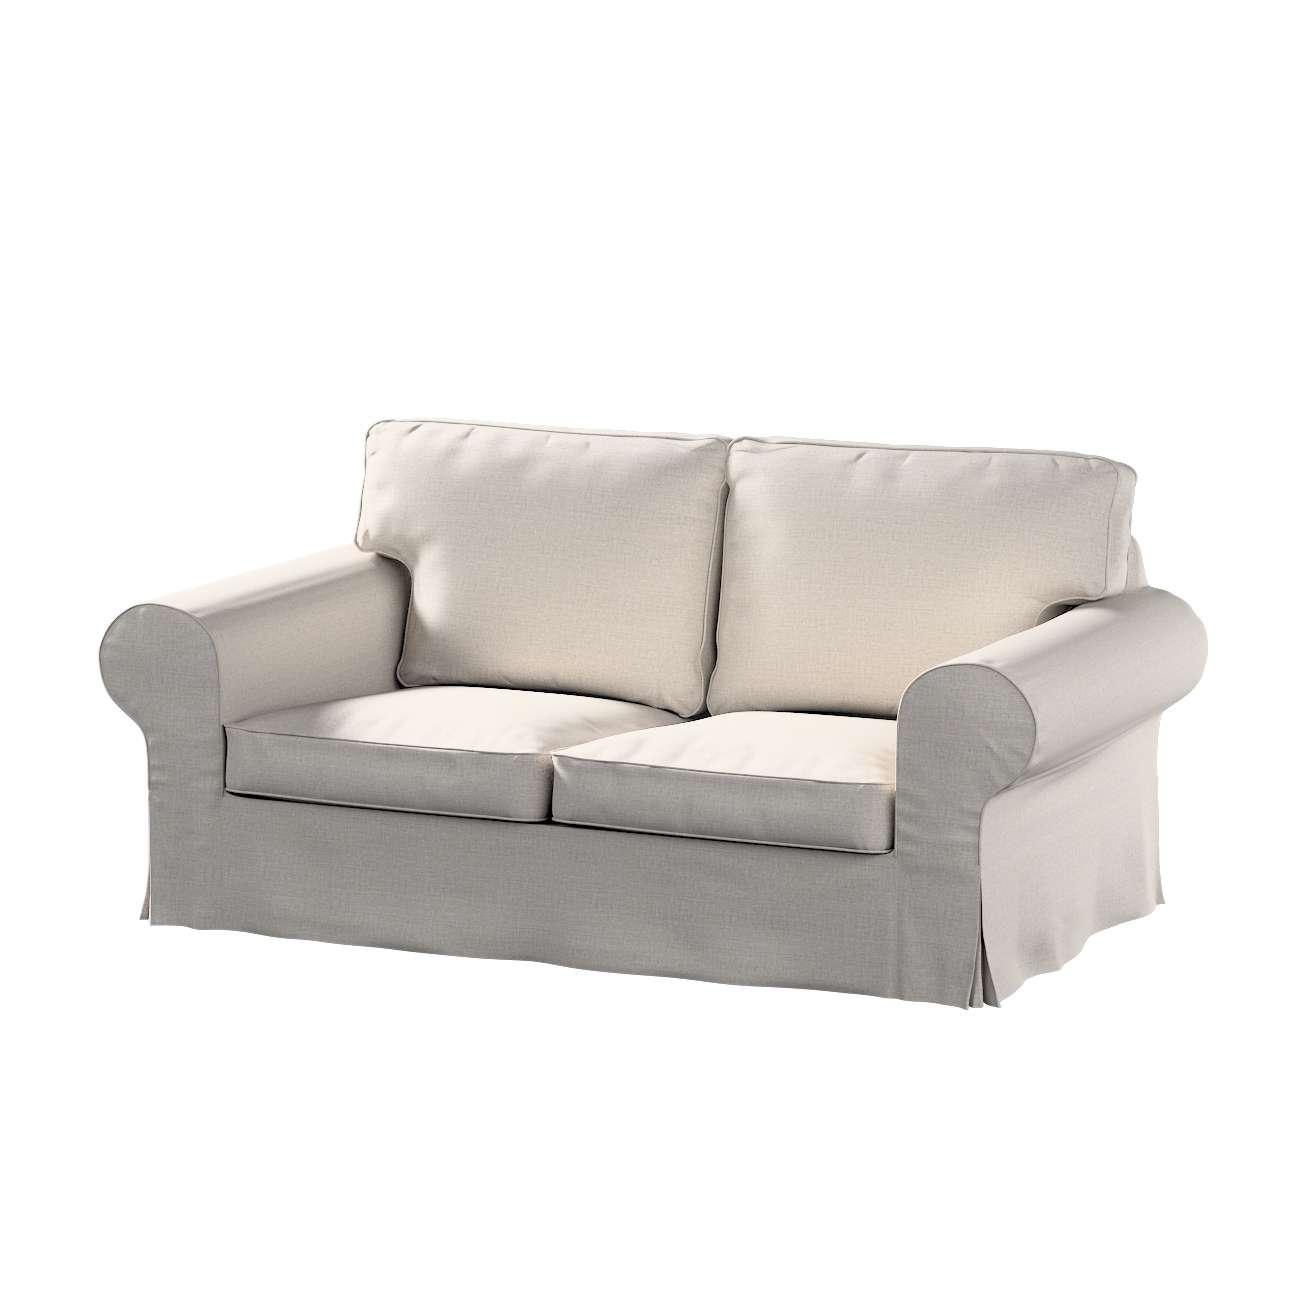 Ektorp 2-Sitzer Sofabezug nicht ausklappbar von der Kollektion Living, Stoff: 161-00